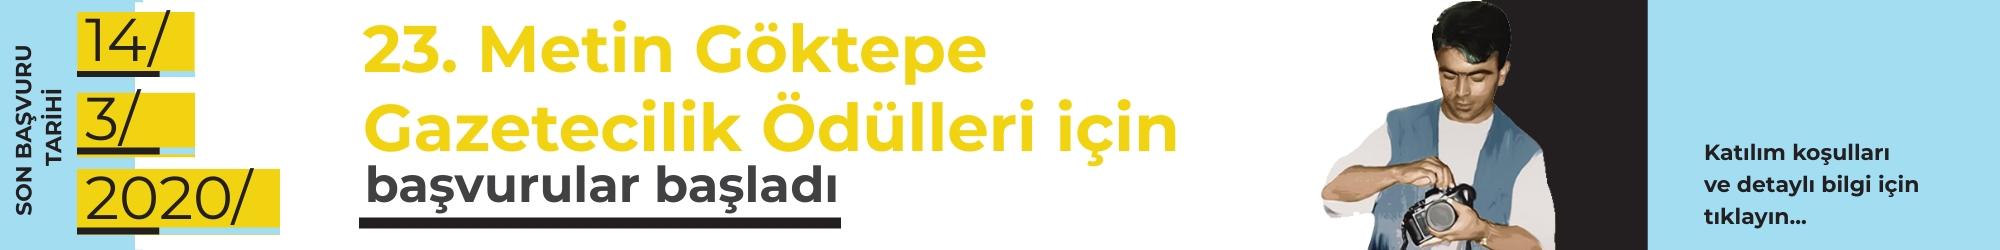 23. Metin Göktepe Gazetecilik Ödülleri için başvurular başladı